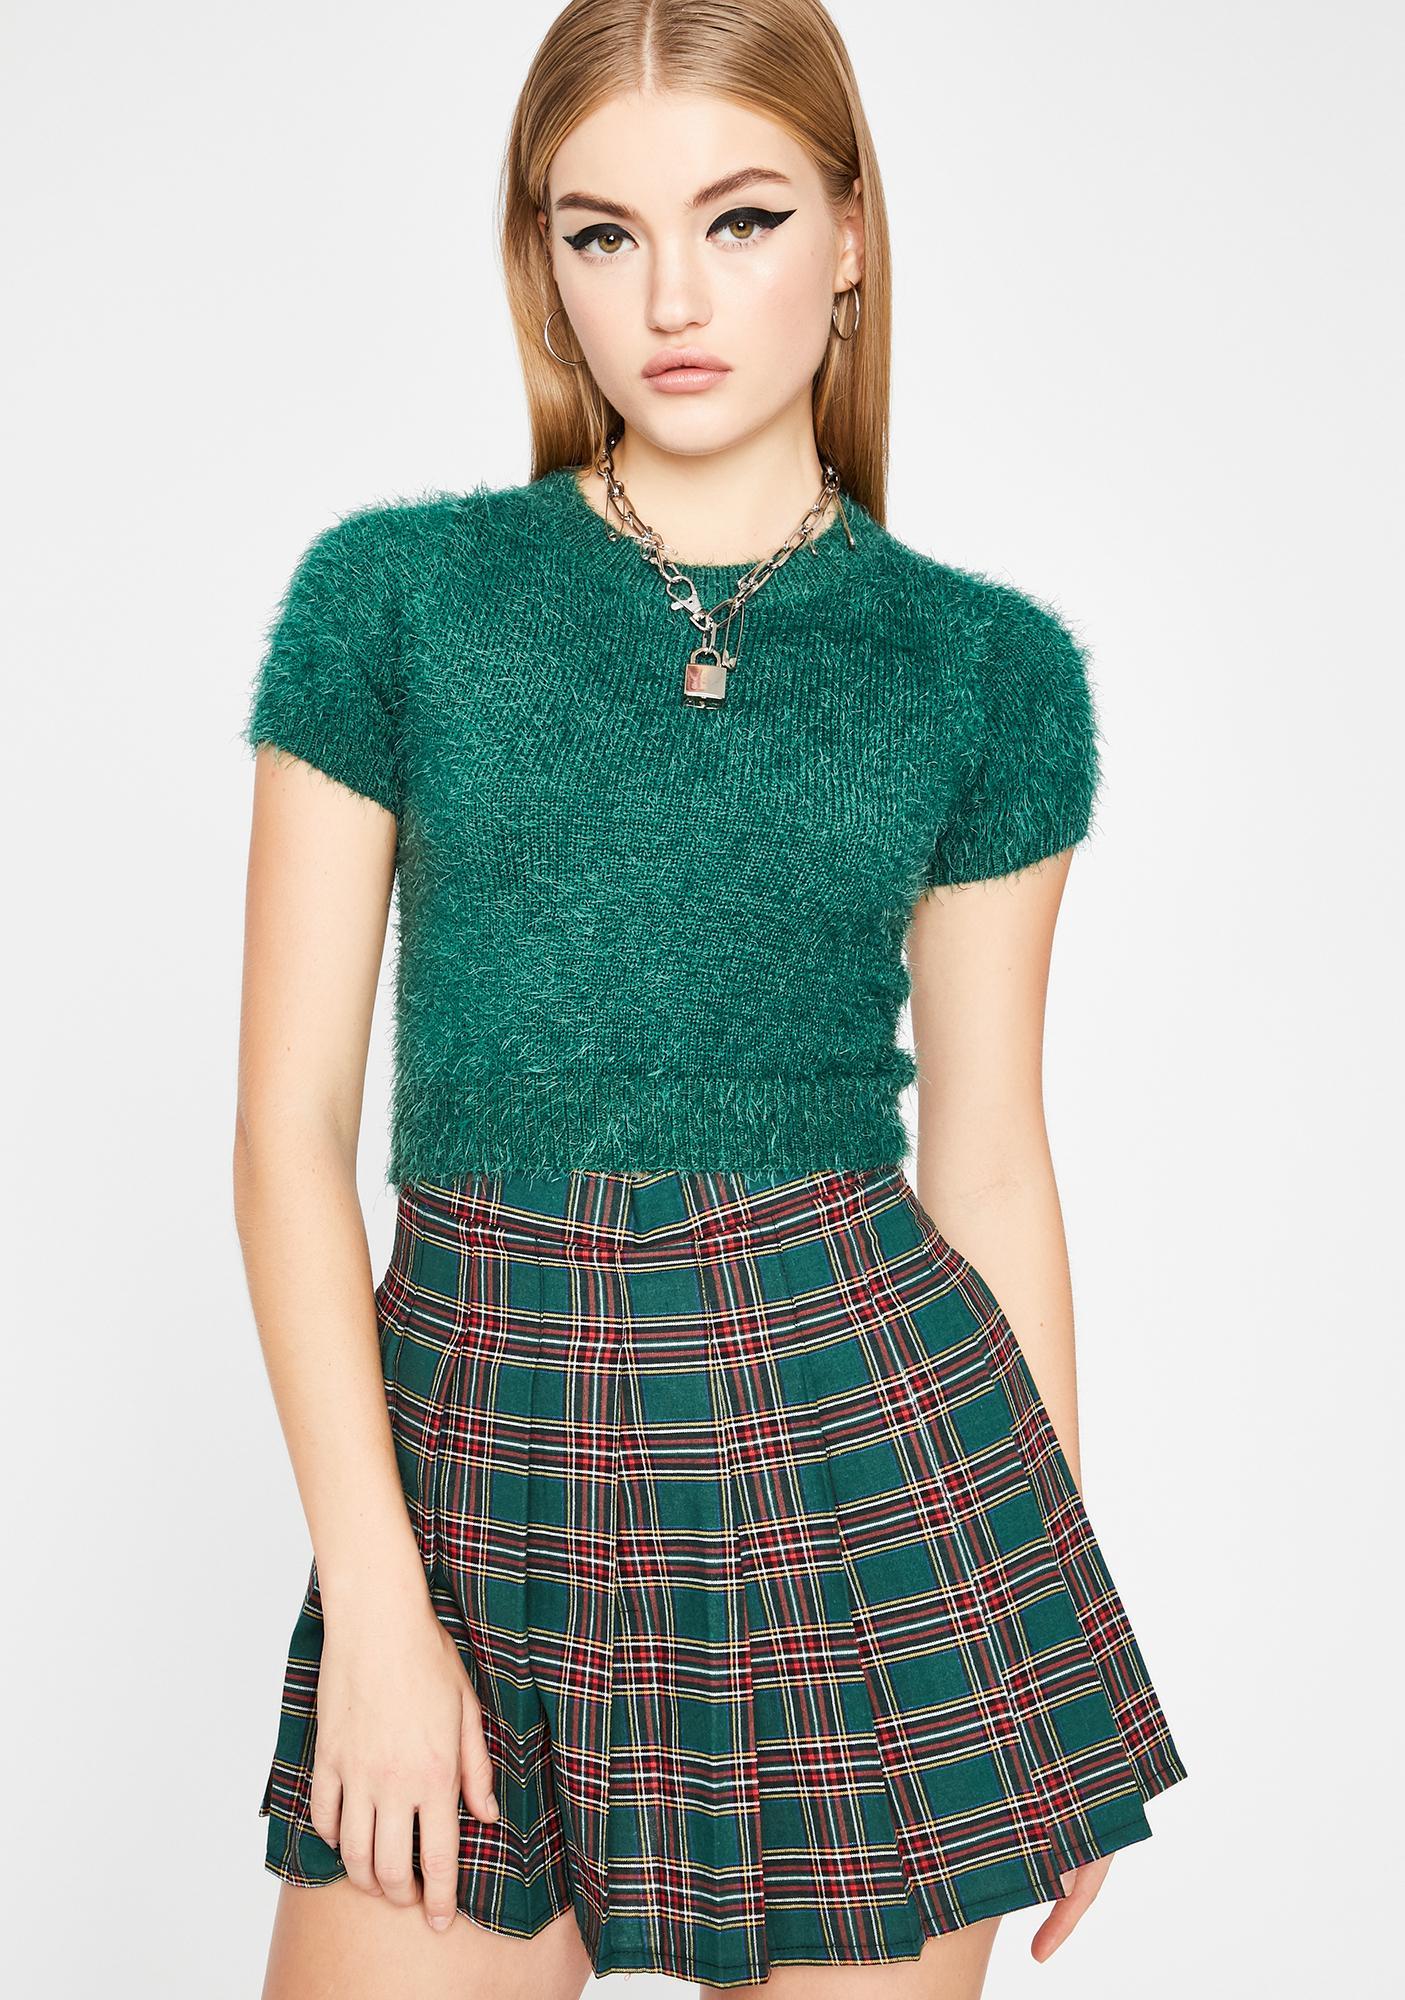 Envy Miss Popular Pleated Skirt